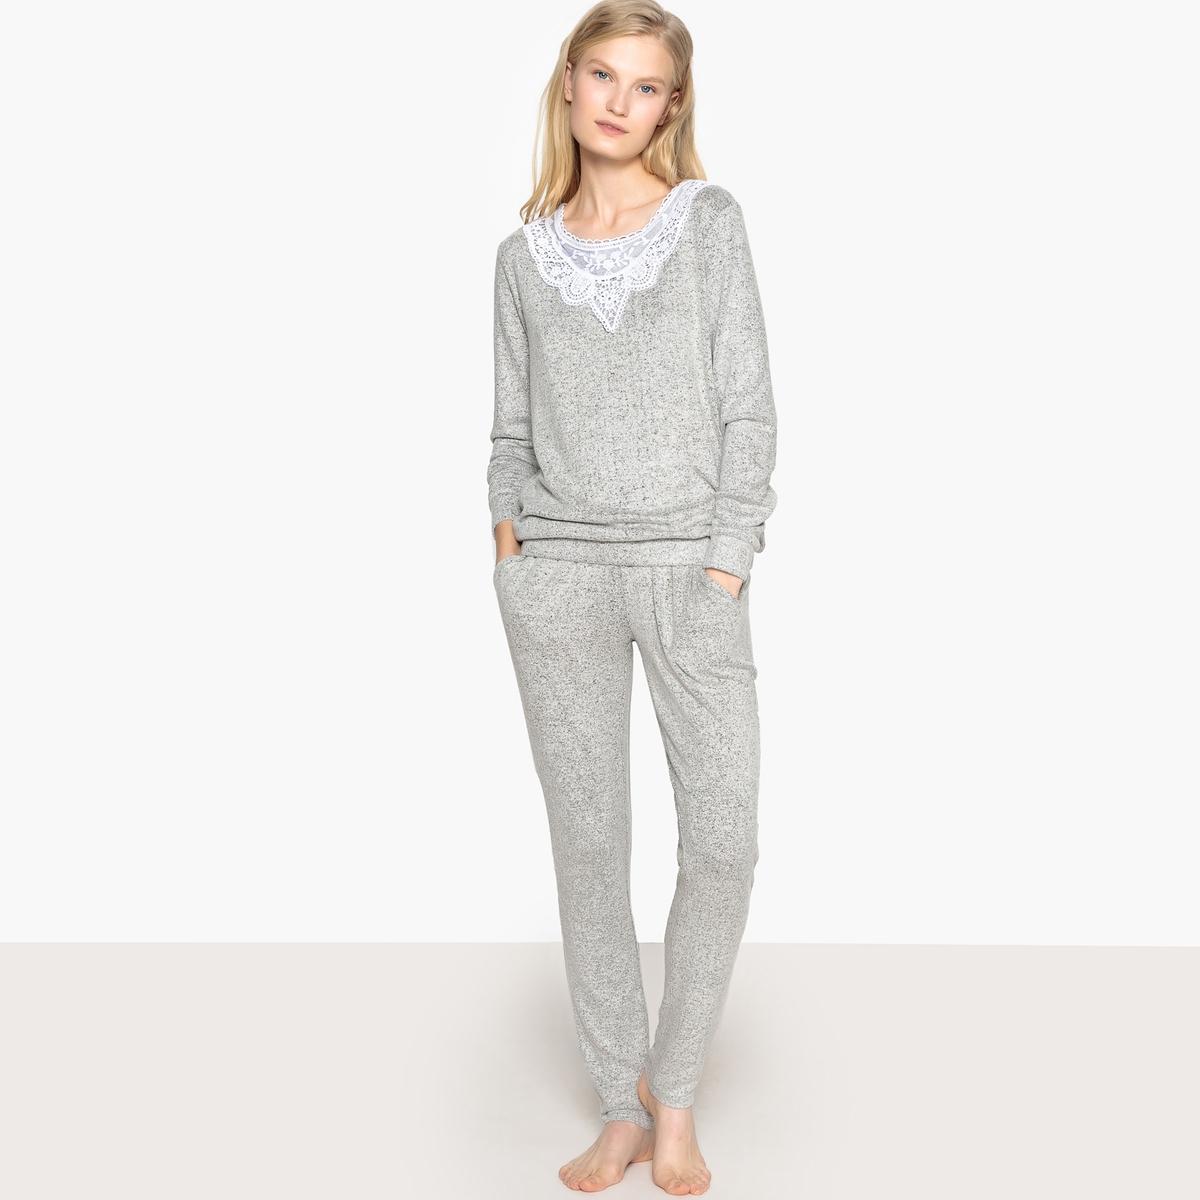 Pijama con detalle de encaje